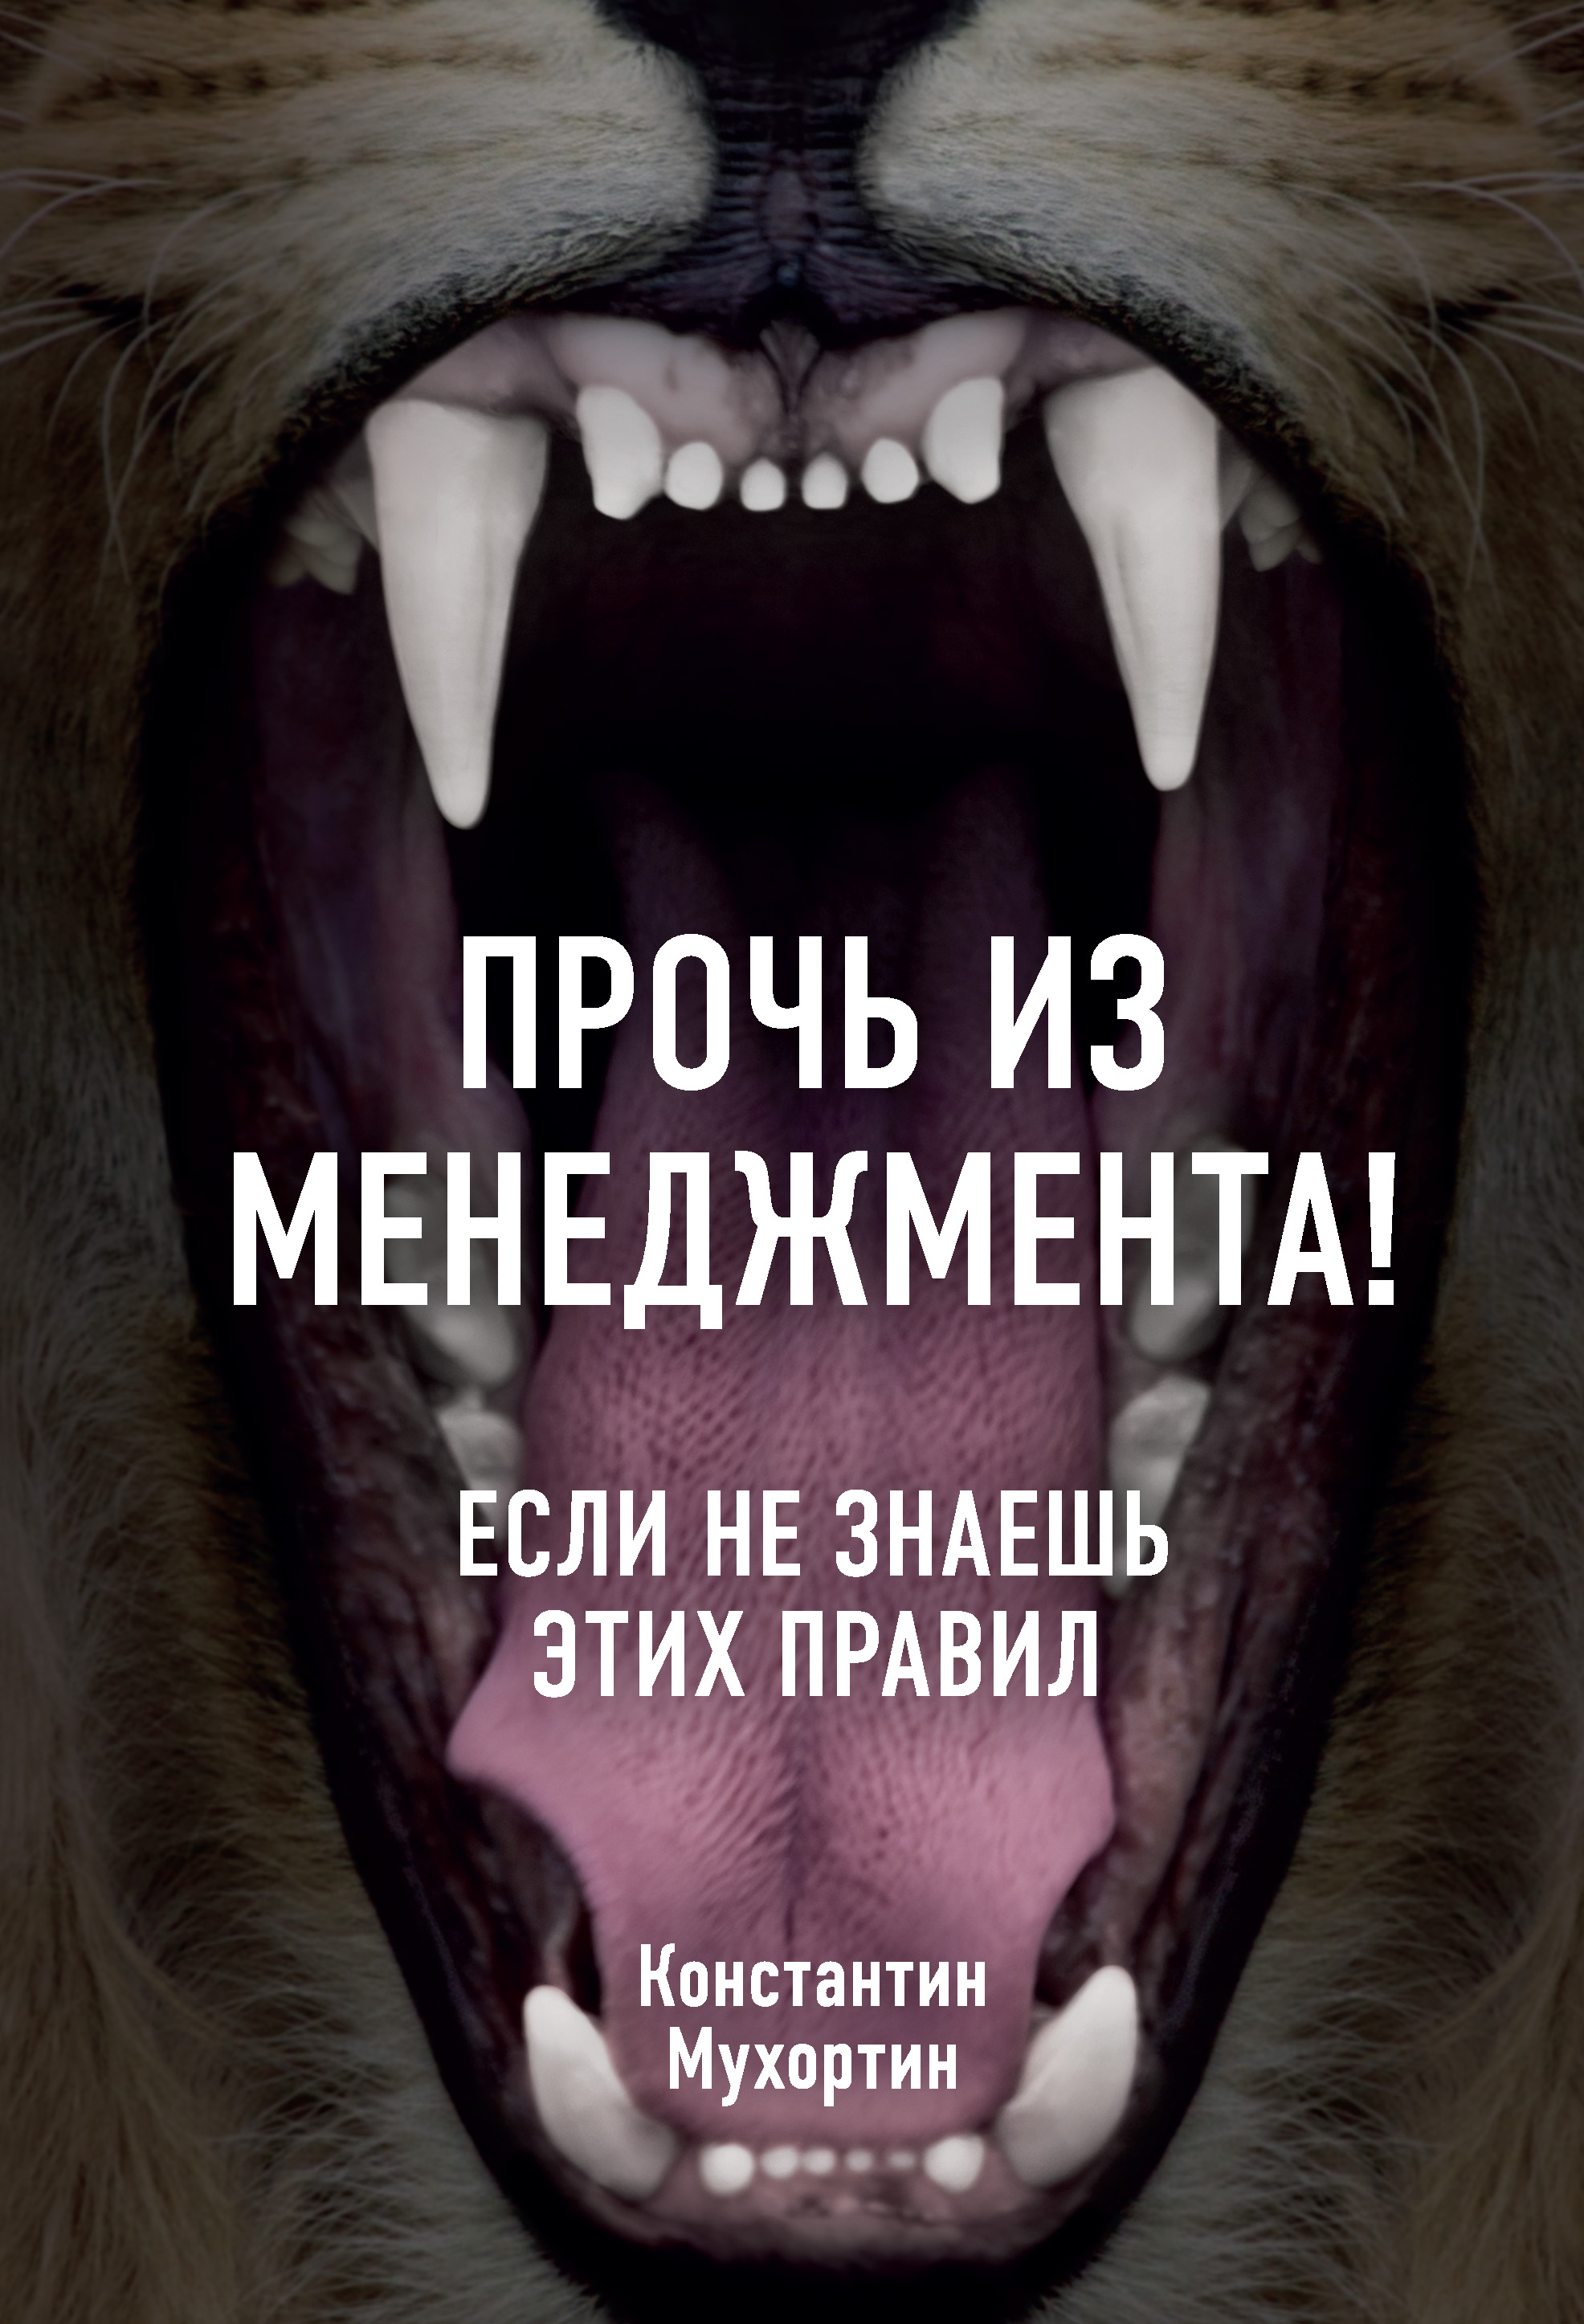 Обложка книги. Автор - Константин Мухортин